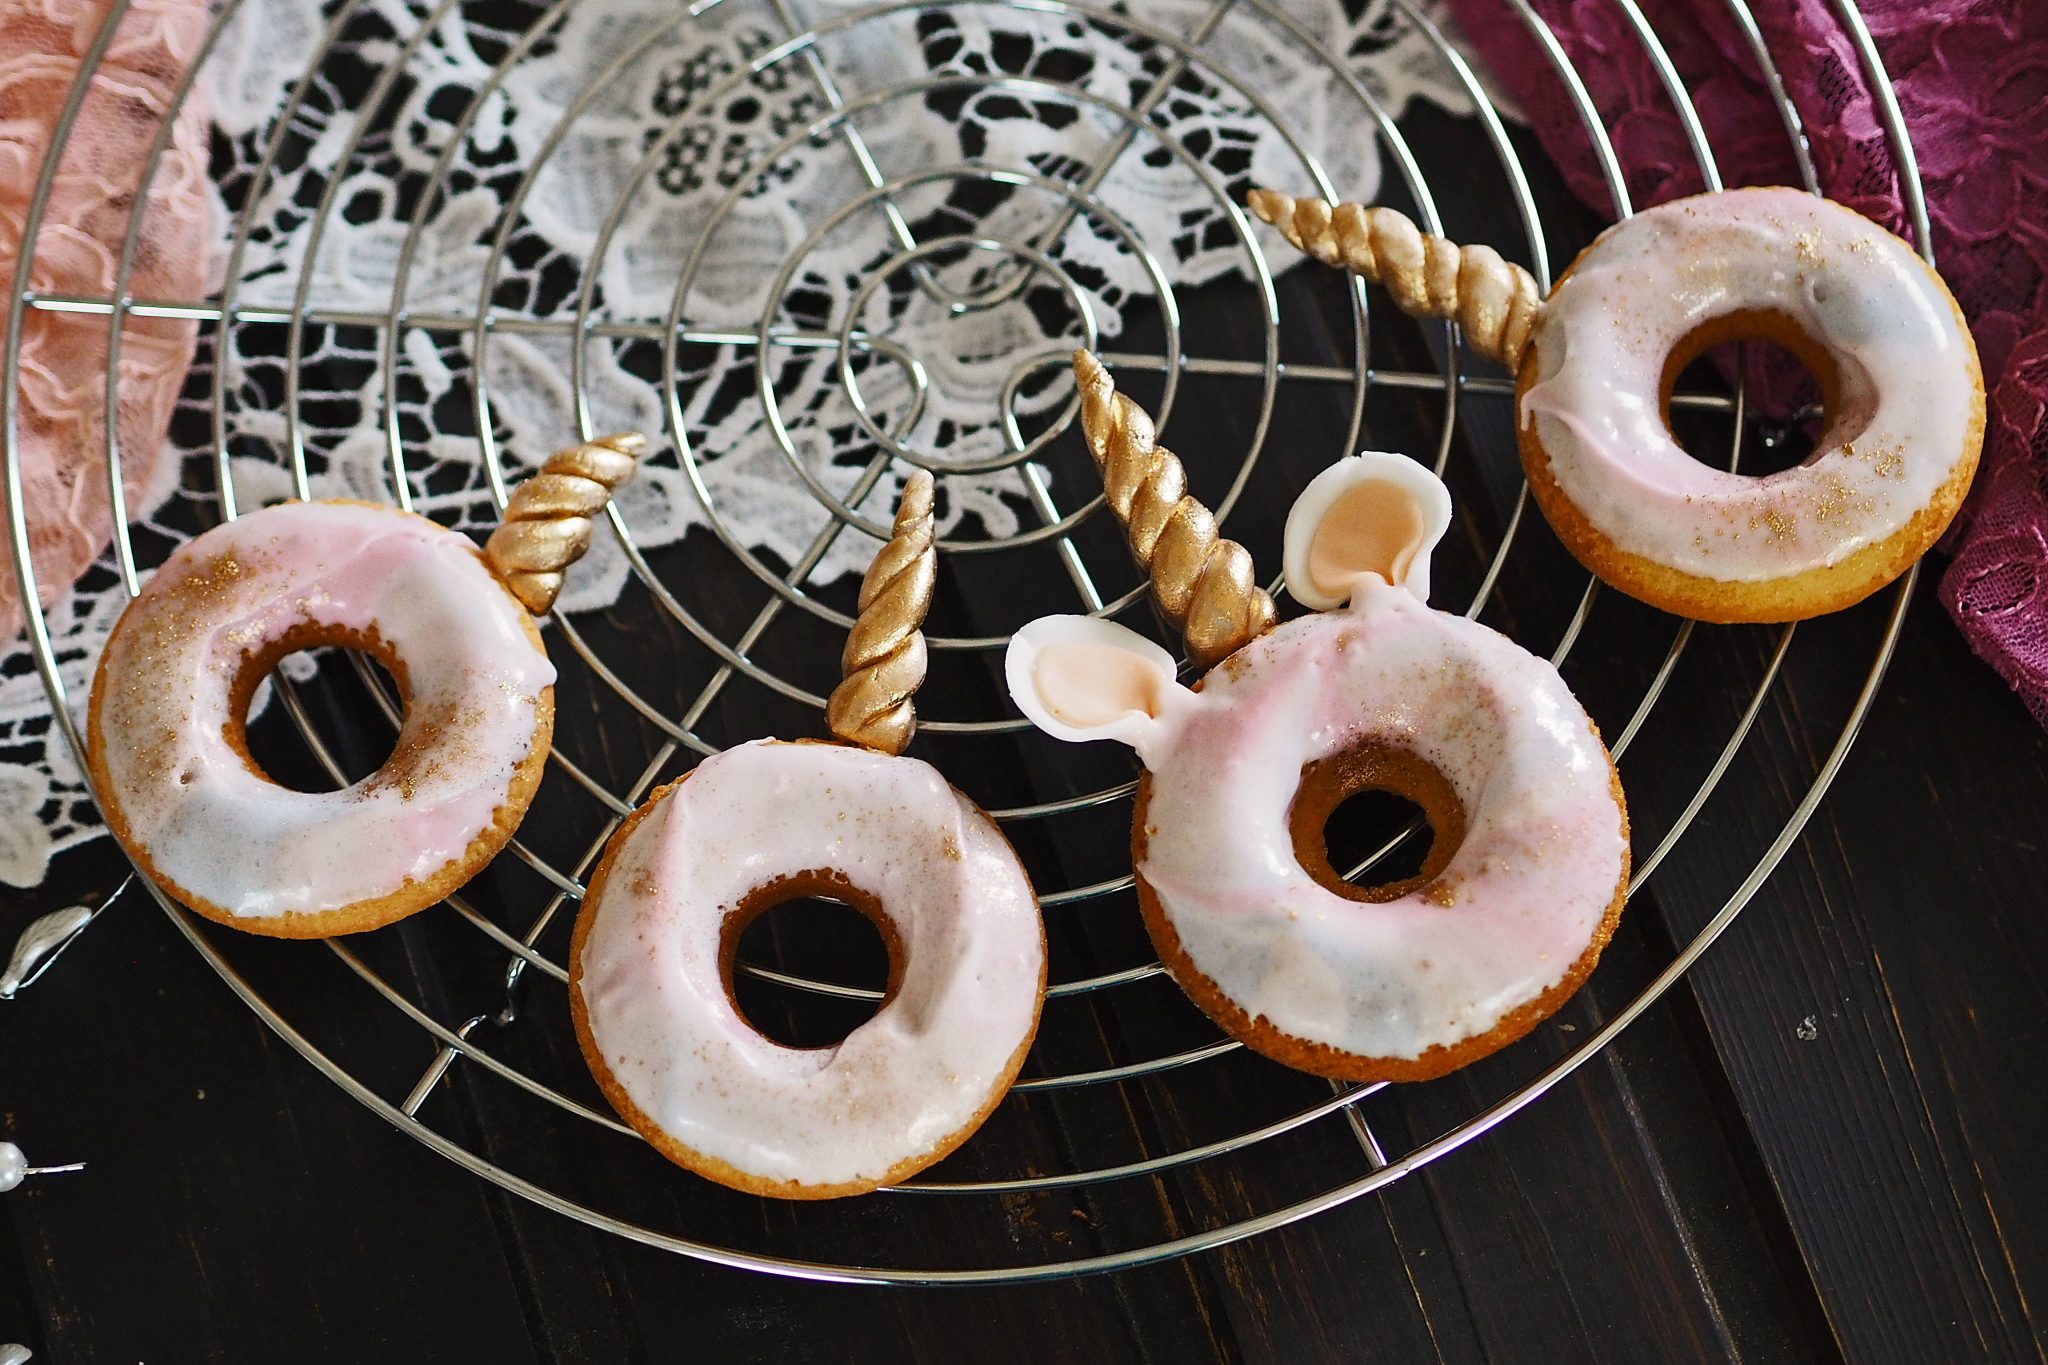 Unicorn Galaxy Glaze Donuts